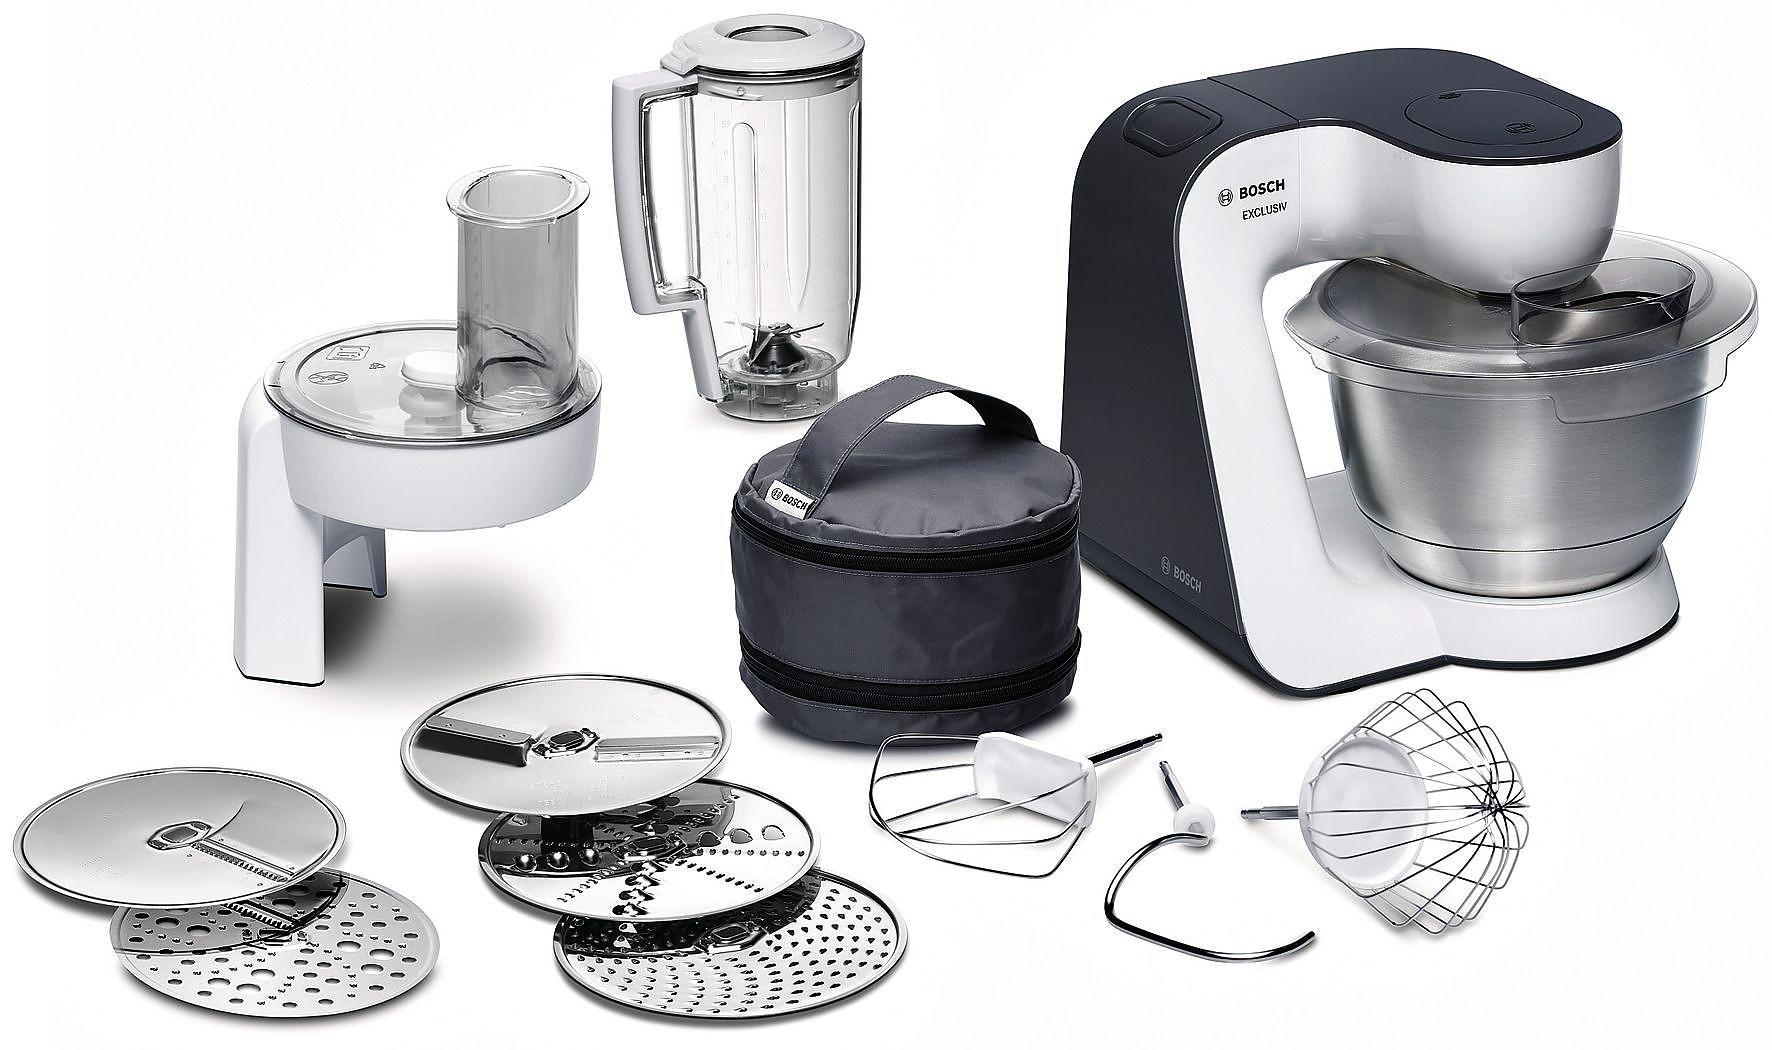 Ersatzteile Bosch Küchenmaschine 2021